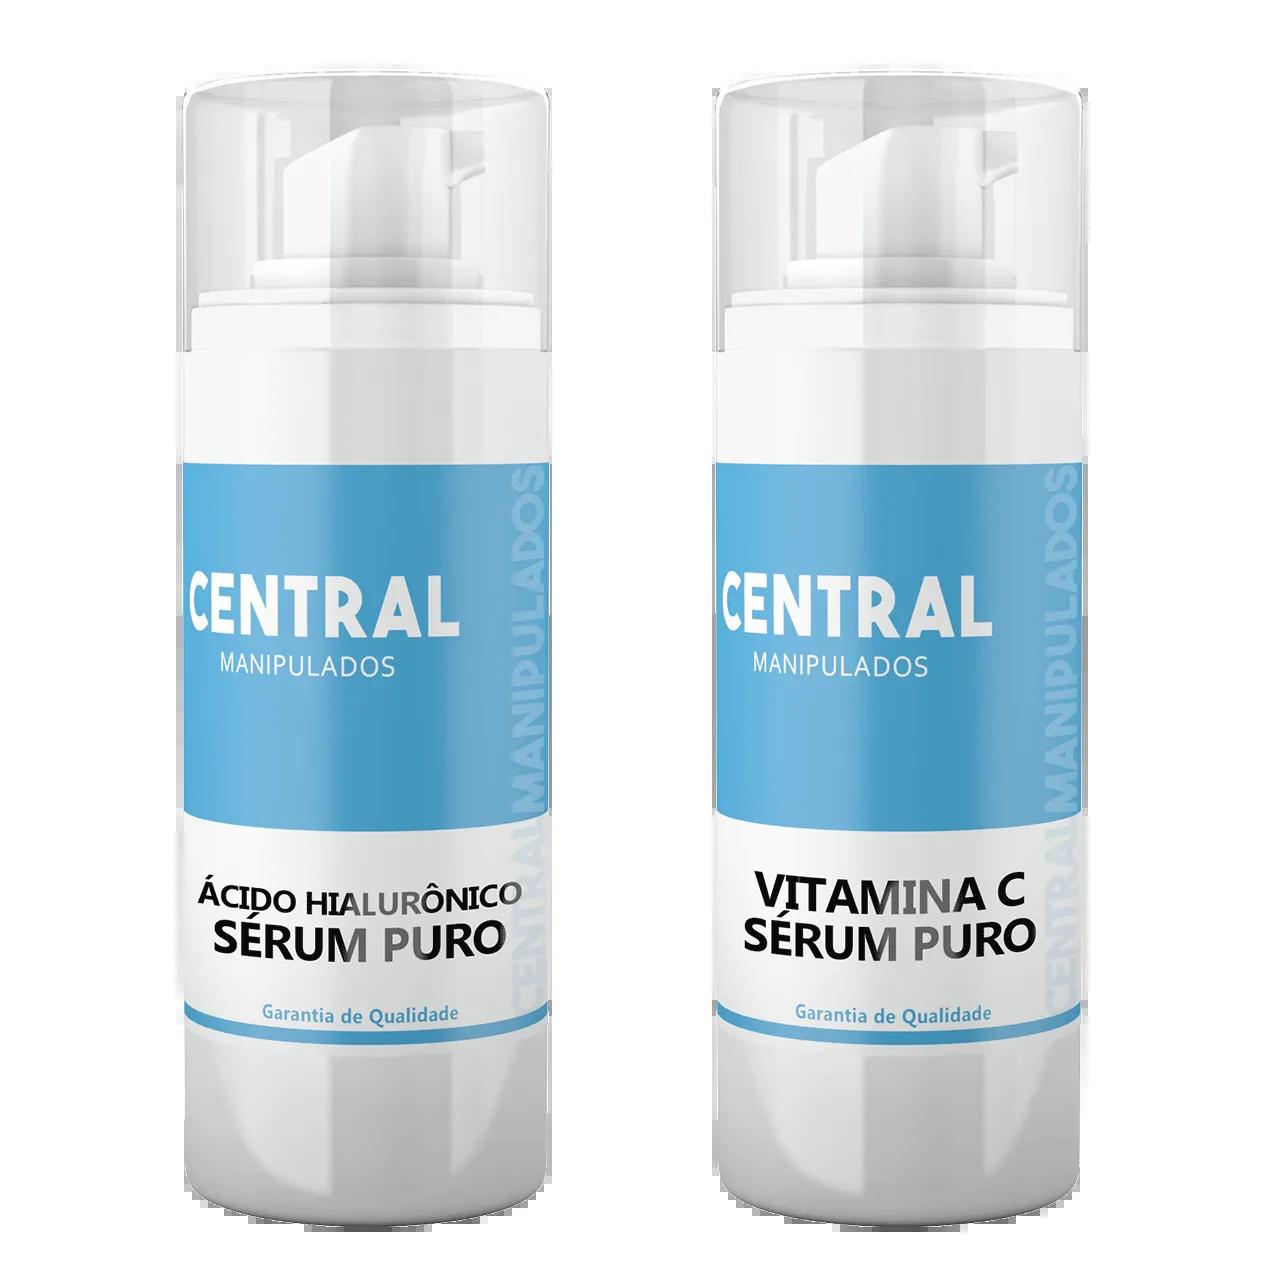 KIT Sérum Ác. Hialurônico 30ml +  Sérum Vitamina C puro 30ml